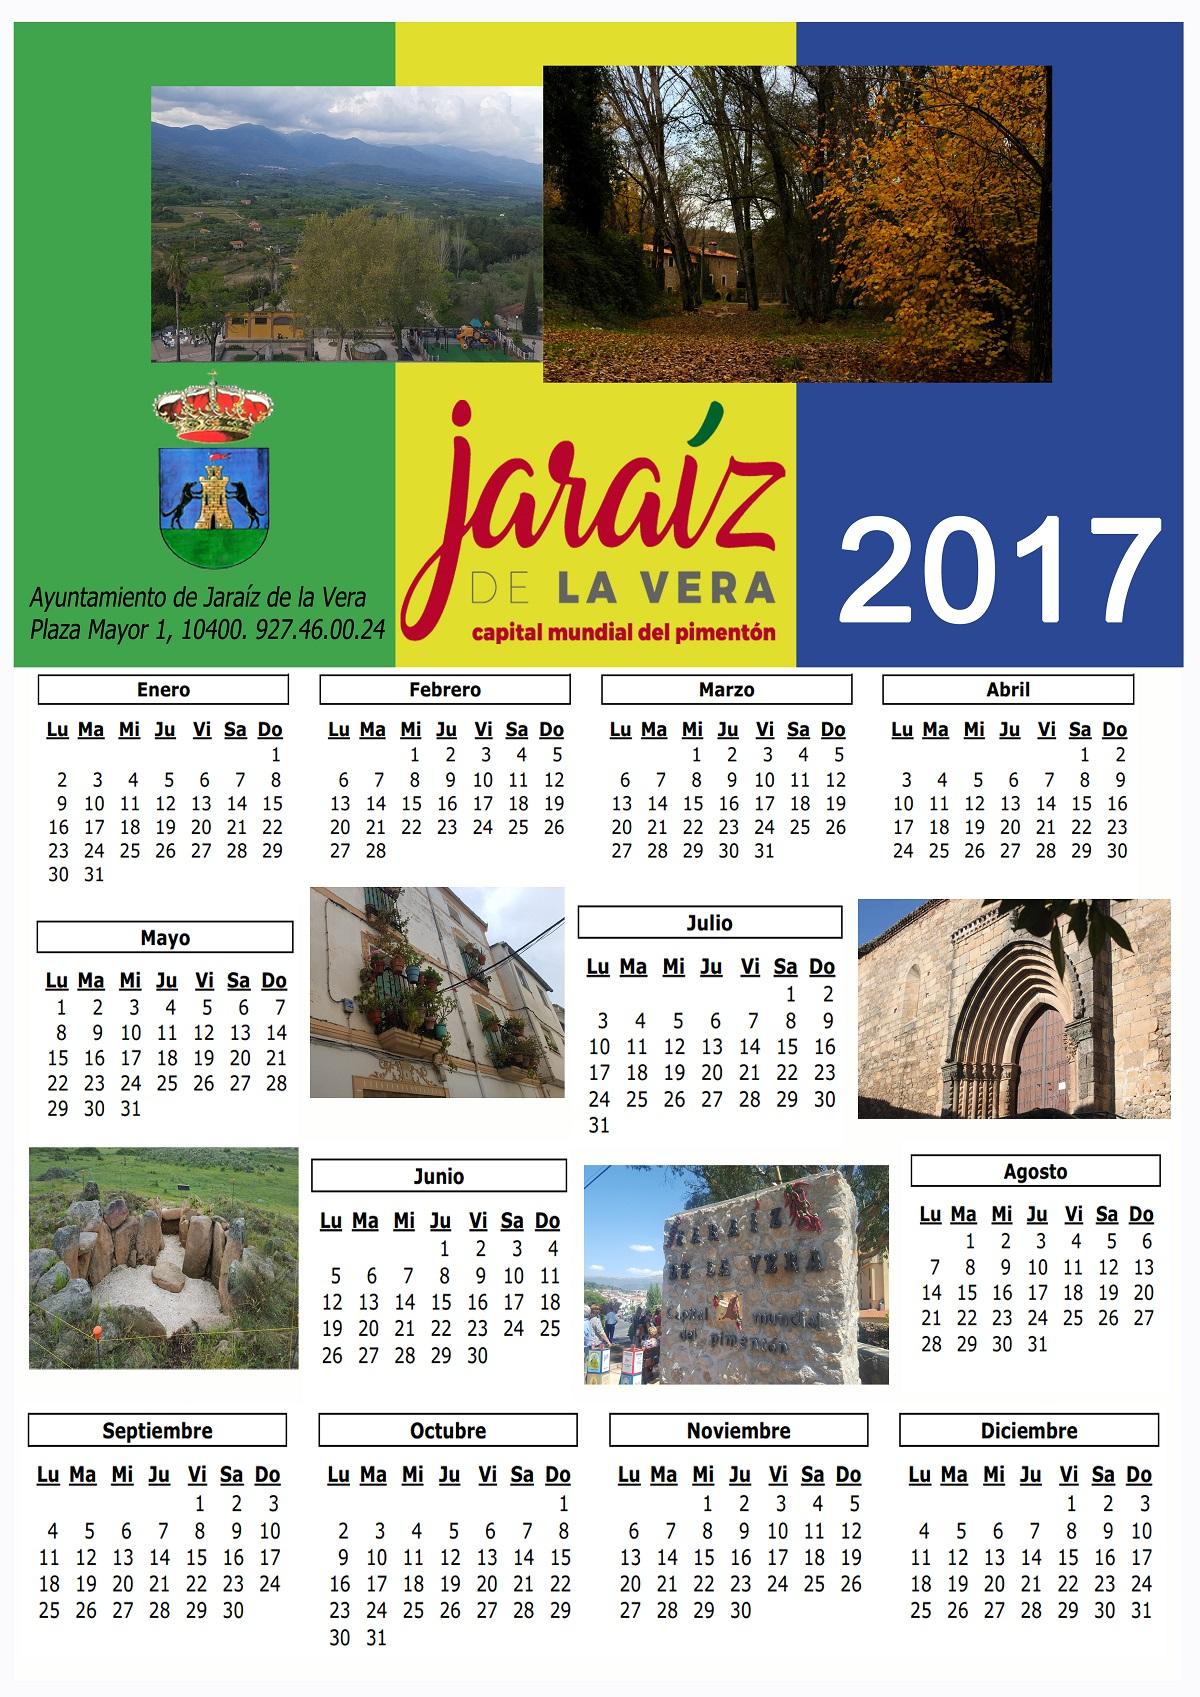 """Ganadores del concurso de fotografía """"Una mirada a Jaraíz"""" - CALENDARIO 2017"""